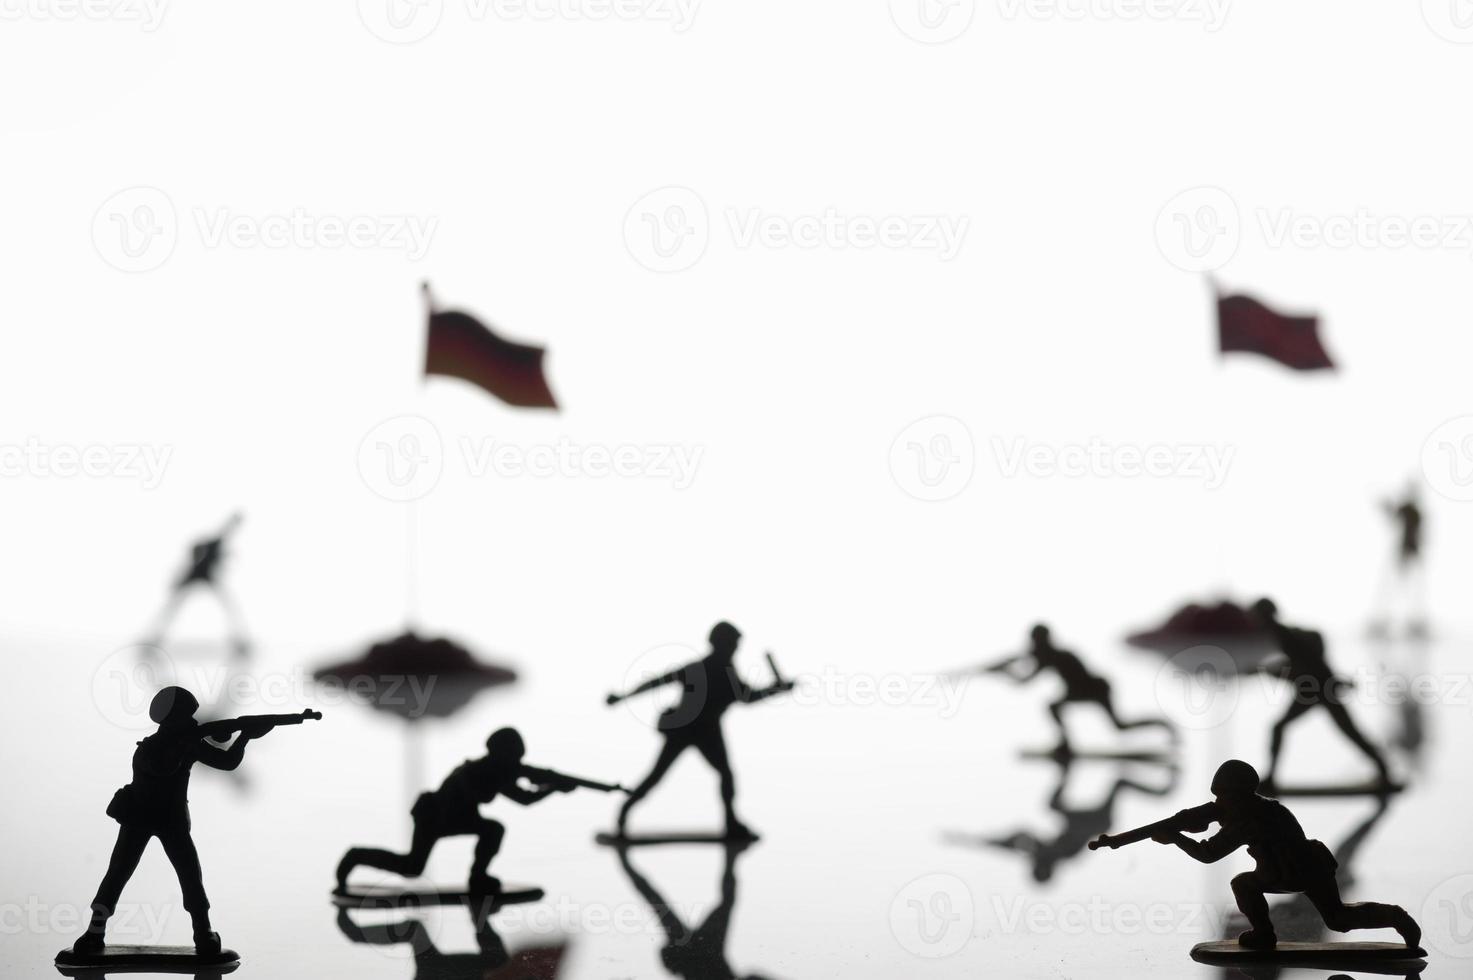 guerre de soldat jouet photo